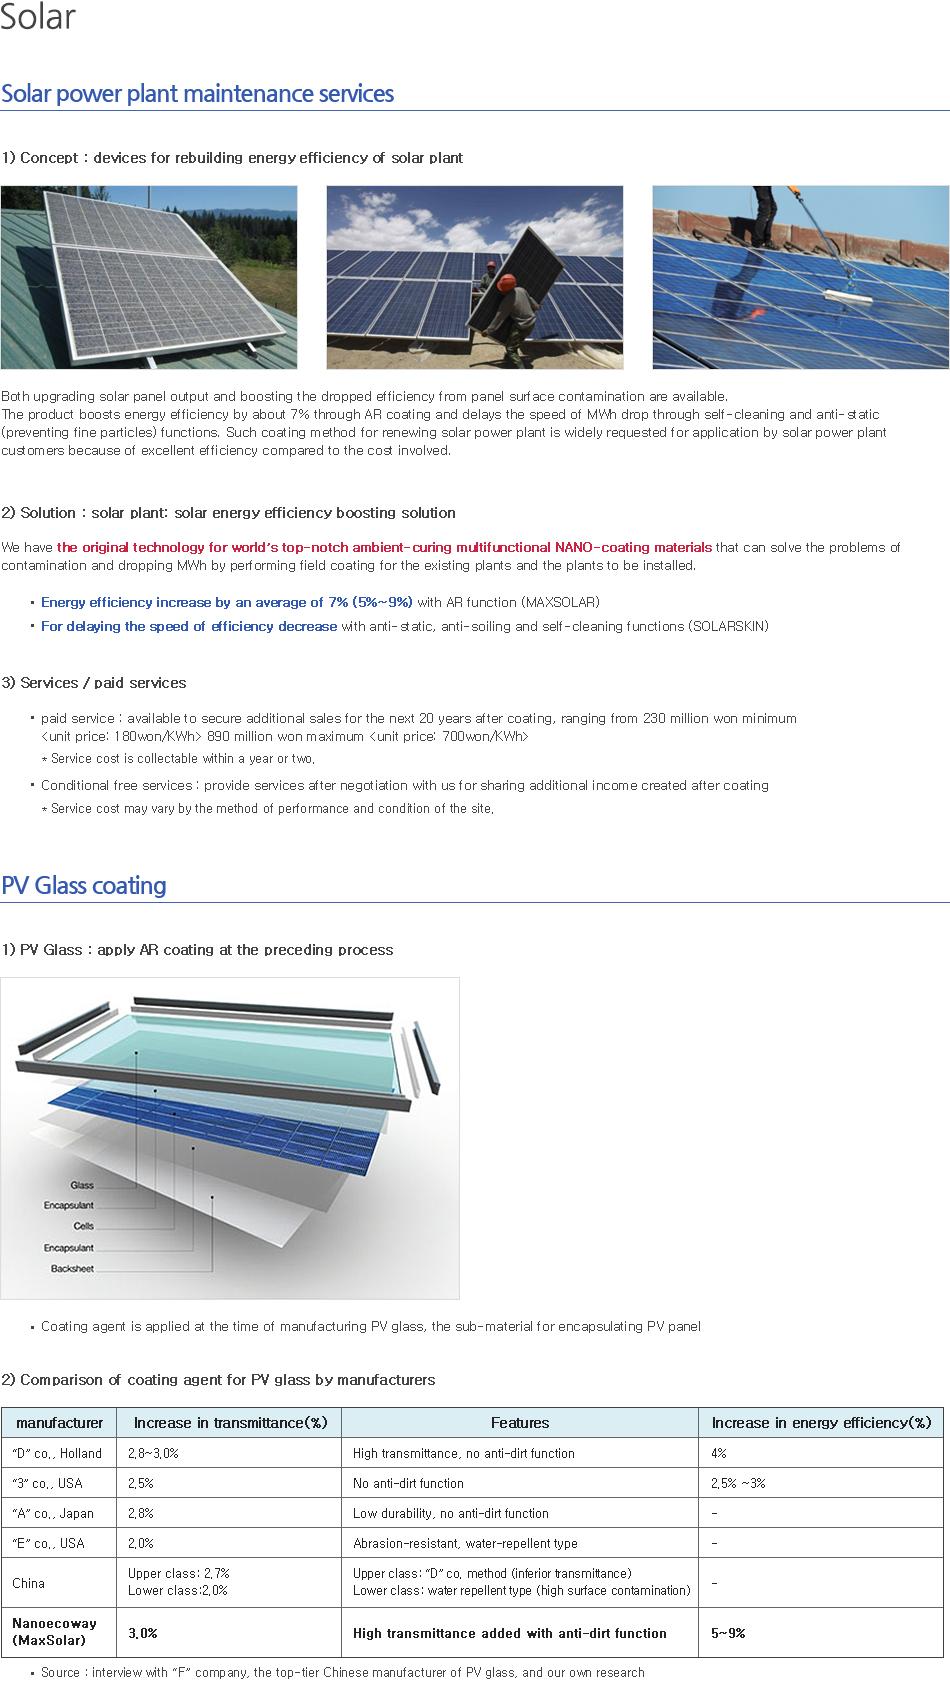 1)개요 : Solar Plant 태양광 발전 효율 리빌딩(Re-Building) 태양광패널의 출력 업그레이드와 패널 표면 오염에 의해 저하된 발전량의 향상이 가능합니다. AR(anti-reflective)코팅을 통해 발전량을 7% 내외로 향상시킴과 동시에 셀프클리닝 및 대전방지 (미세  먼지 방지) 기능을 통해 발전량 하락속도를 지연시킵니다. 이러한 코팅방식의 태양광 발전소 리뉴얼은 비용대비 효과가 뛰어나므로 많은 발전소 고객들이 적용을 원하고 있습니다. 2) 솔루션 : Solar Plant:태양광 발전 효율 상승 솔루션 기 설치된 발전소 및 설치예정 발전소 현장에서의 코팅으로 오염과 발전하락문제를 해결할수 있는 세계 최고 수준의 상온경화형 복합기능의 나노코팅소재 원천기술을 보유하고  있습니다.     AR(Anti-Reflective)기능에 의해 코팅 후 발전량 7% (5~9%) 내외 상승 (MaxSolar) 방오기능(Anti-static/soiling, Self-cleaning)으로 발전량 하락속도 지연 (SolarSkin) 3) 서비스 : 샘플 코팅을 통한 발전효율 상승 확인 서비스  유상 서비스 :코팅 후 예상수익(20년,약 2.3억)  및 서비스 비용 2년 내외에 회수가능 무상 서비스 :코팅 후 발생된 초과 수익을 당사와 협의 후 배분 *서비스 비용은 수행방식 및 현장 상황에 따라 달라 질 수 있음. 1)PV Glass: AR 코팅을 전(前)공정에 적용  PV Panel 의 encapsulation 부자재인 PV Glass 제조 시에 코팅합니다.